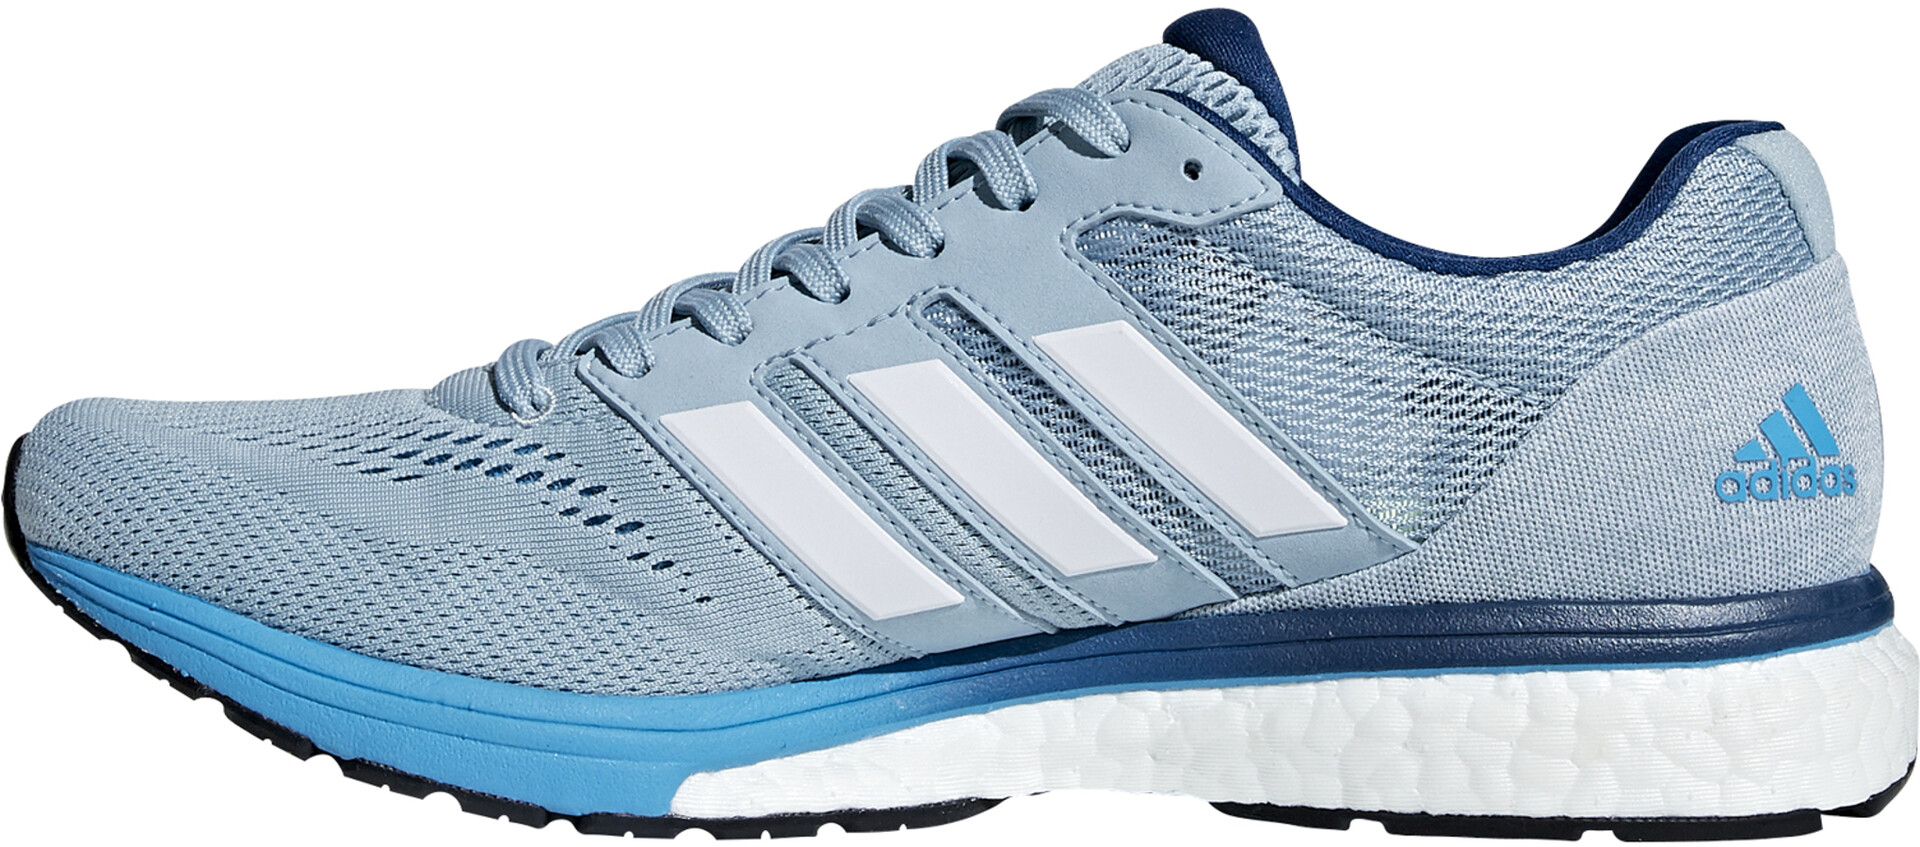 Chaussures Boston 7 Adidas Gris Running Campz Sur Adizero Homme x54ExBqtw